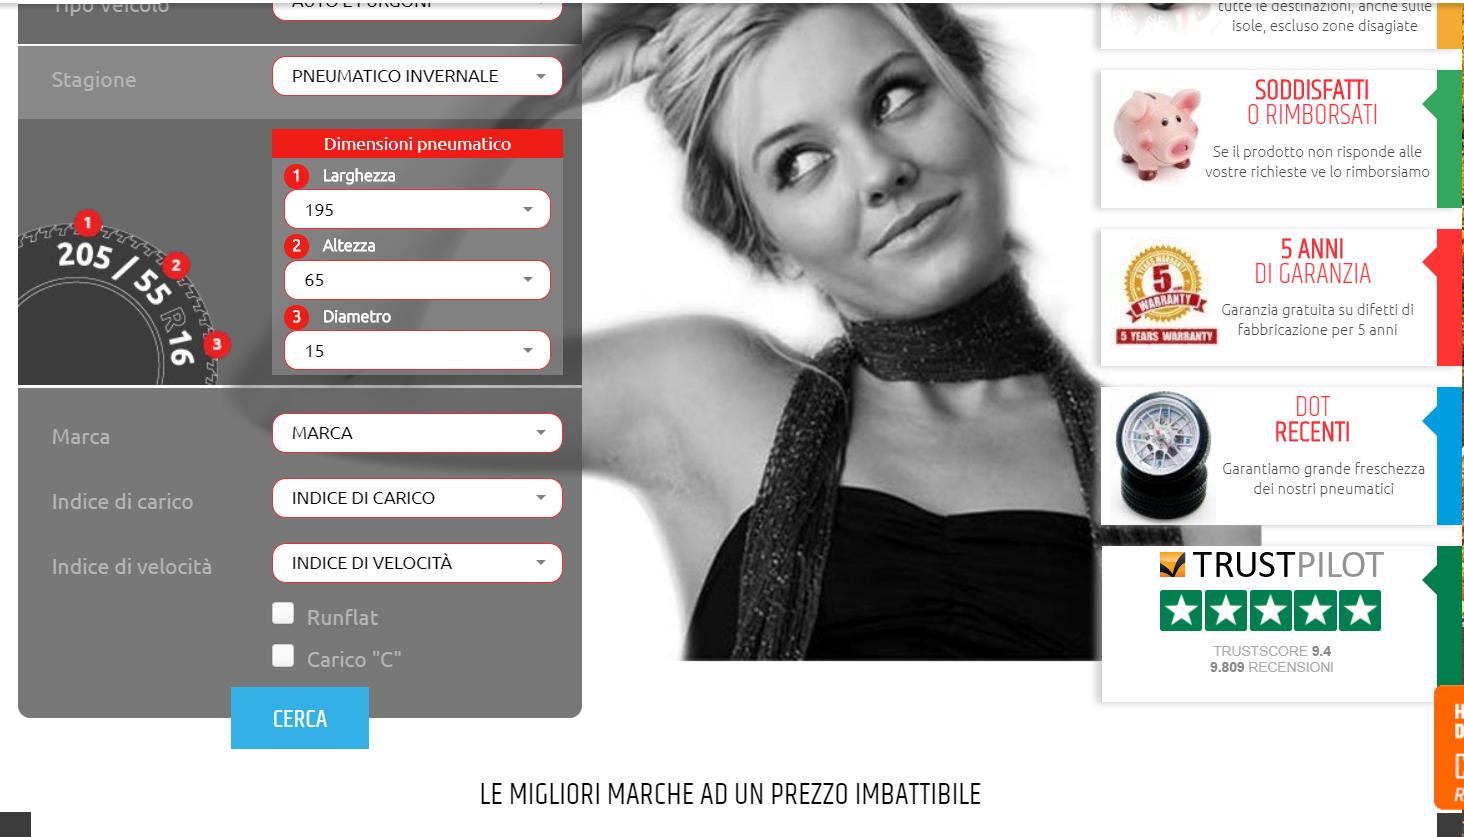 Acquista su SpecialGomme pneumatici online